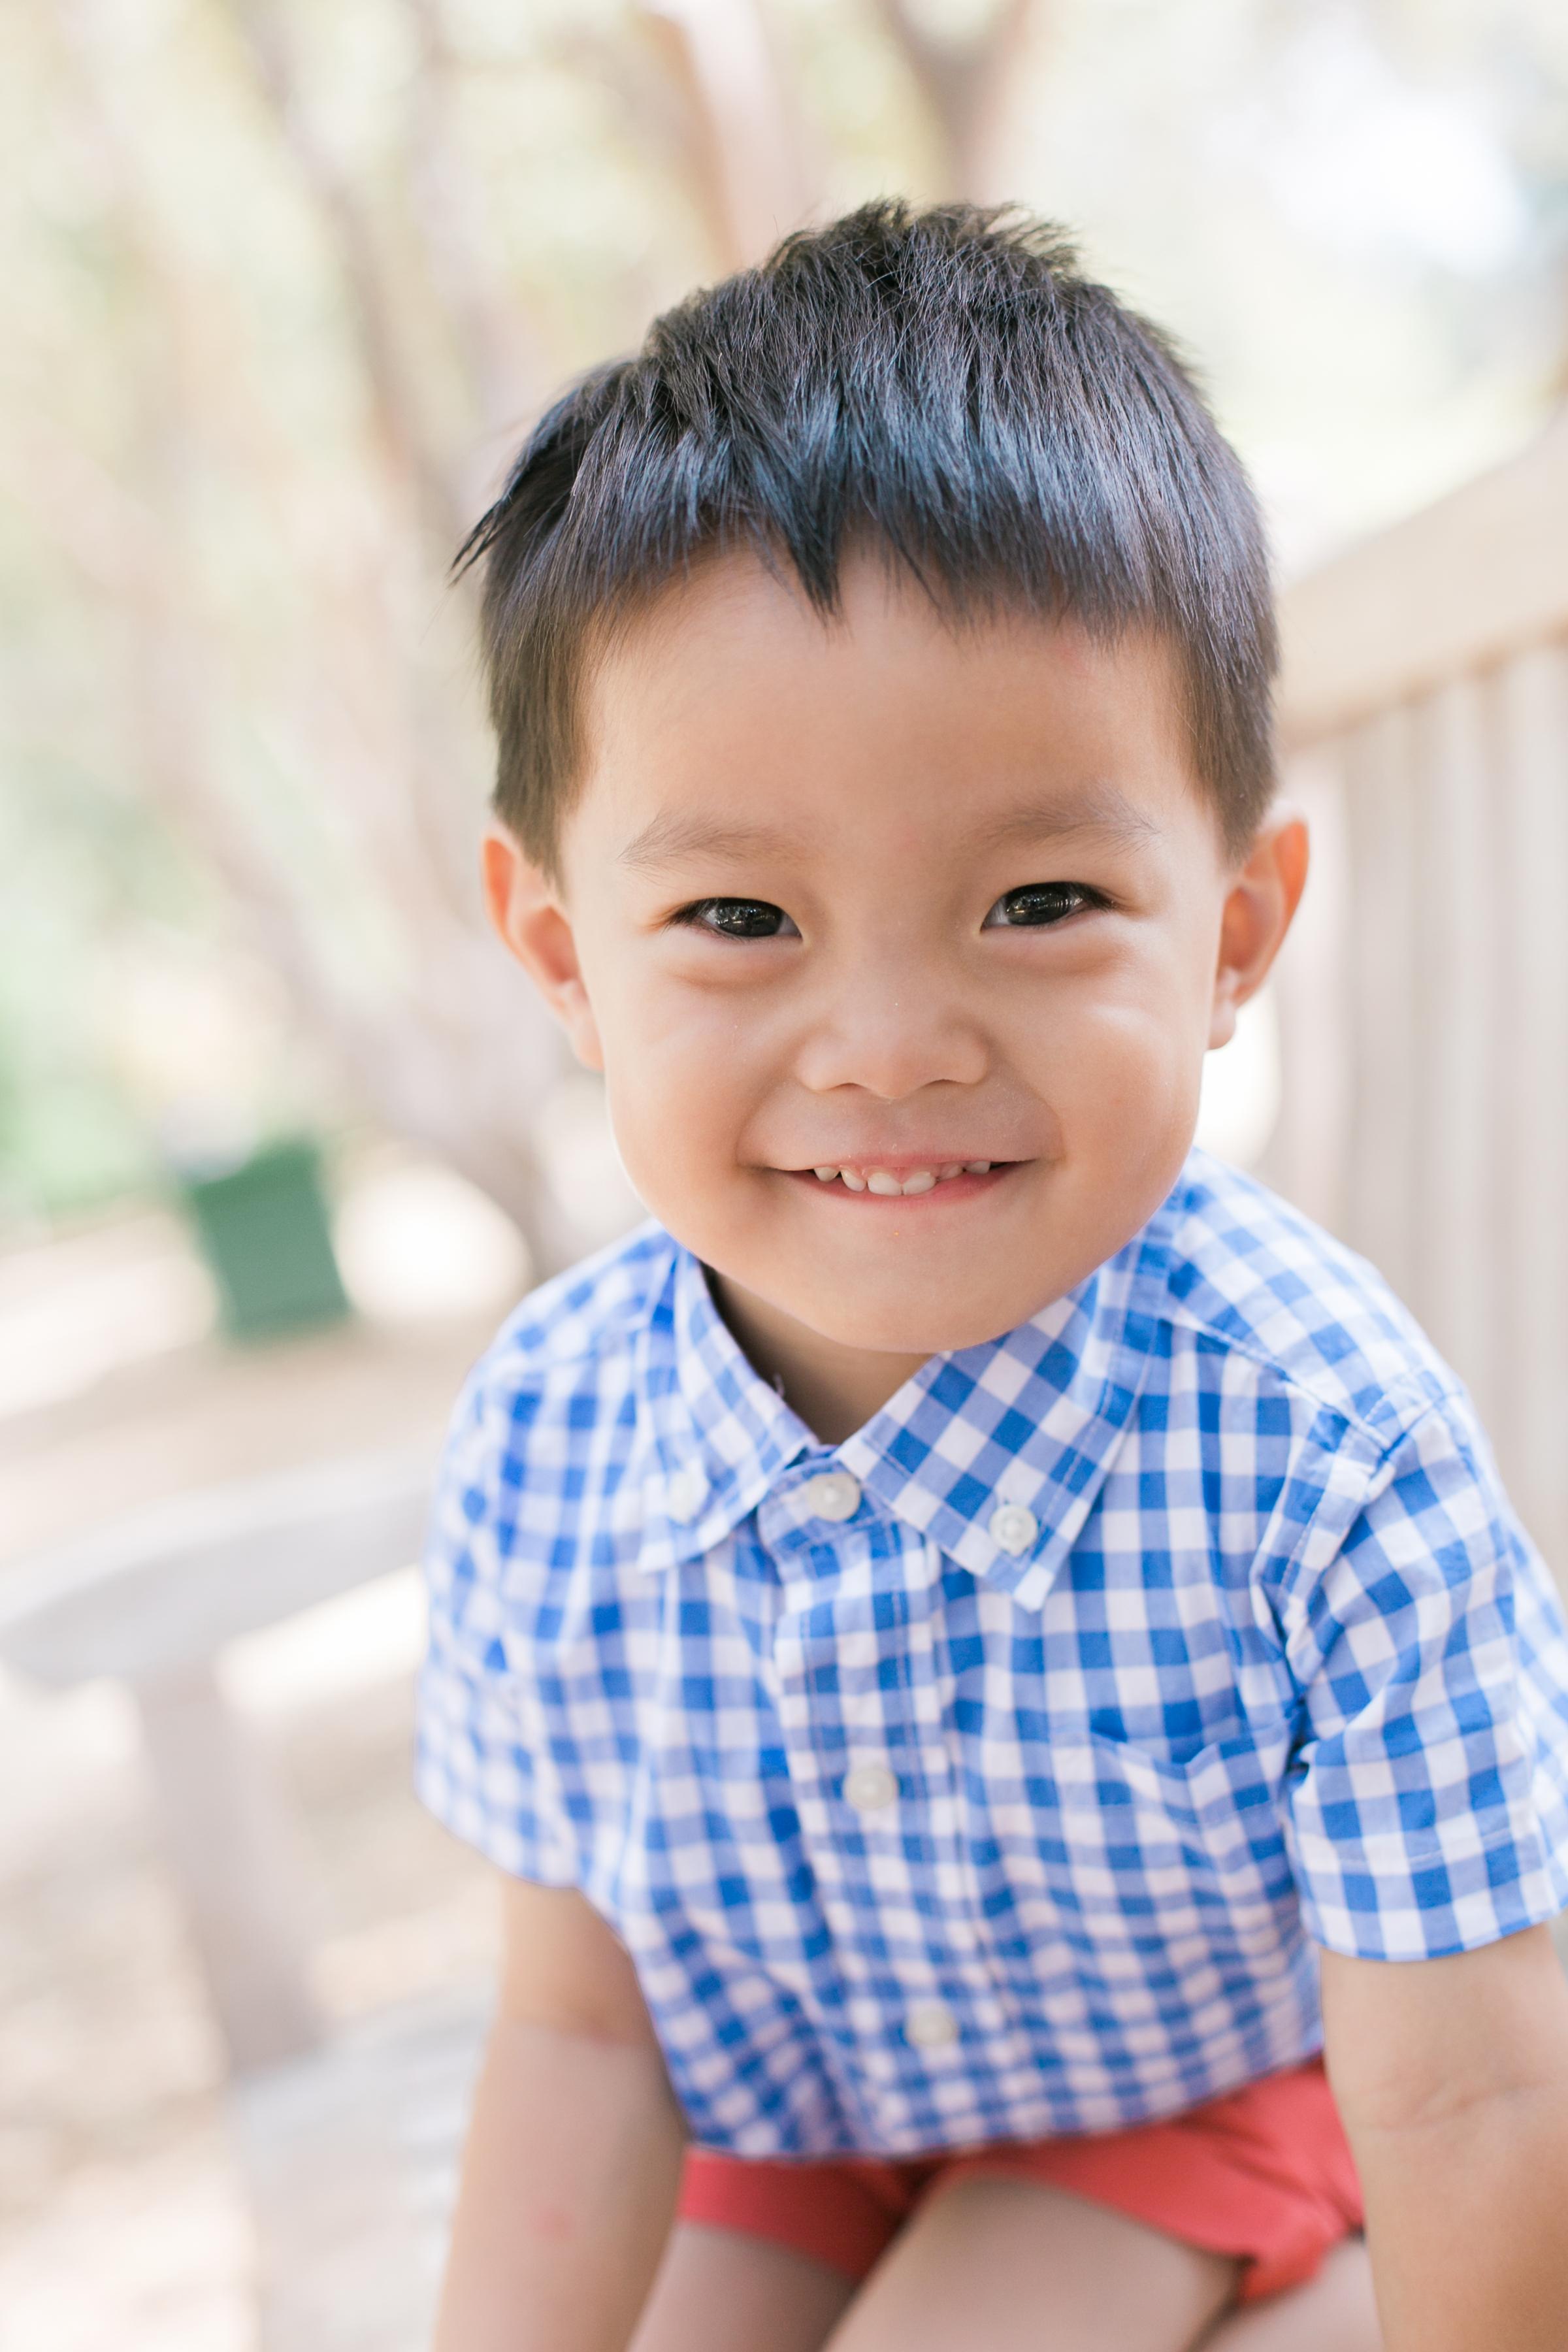 Pasadena_Children_Family_Portrait_010.jpg